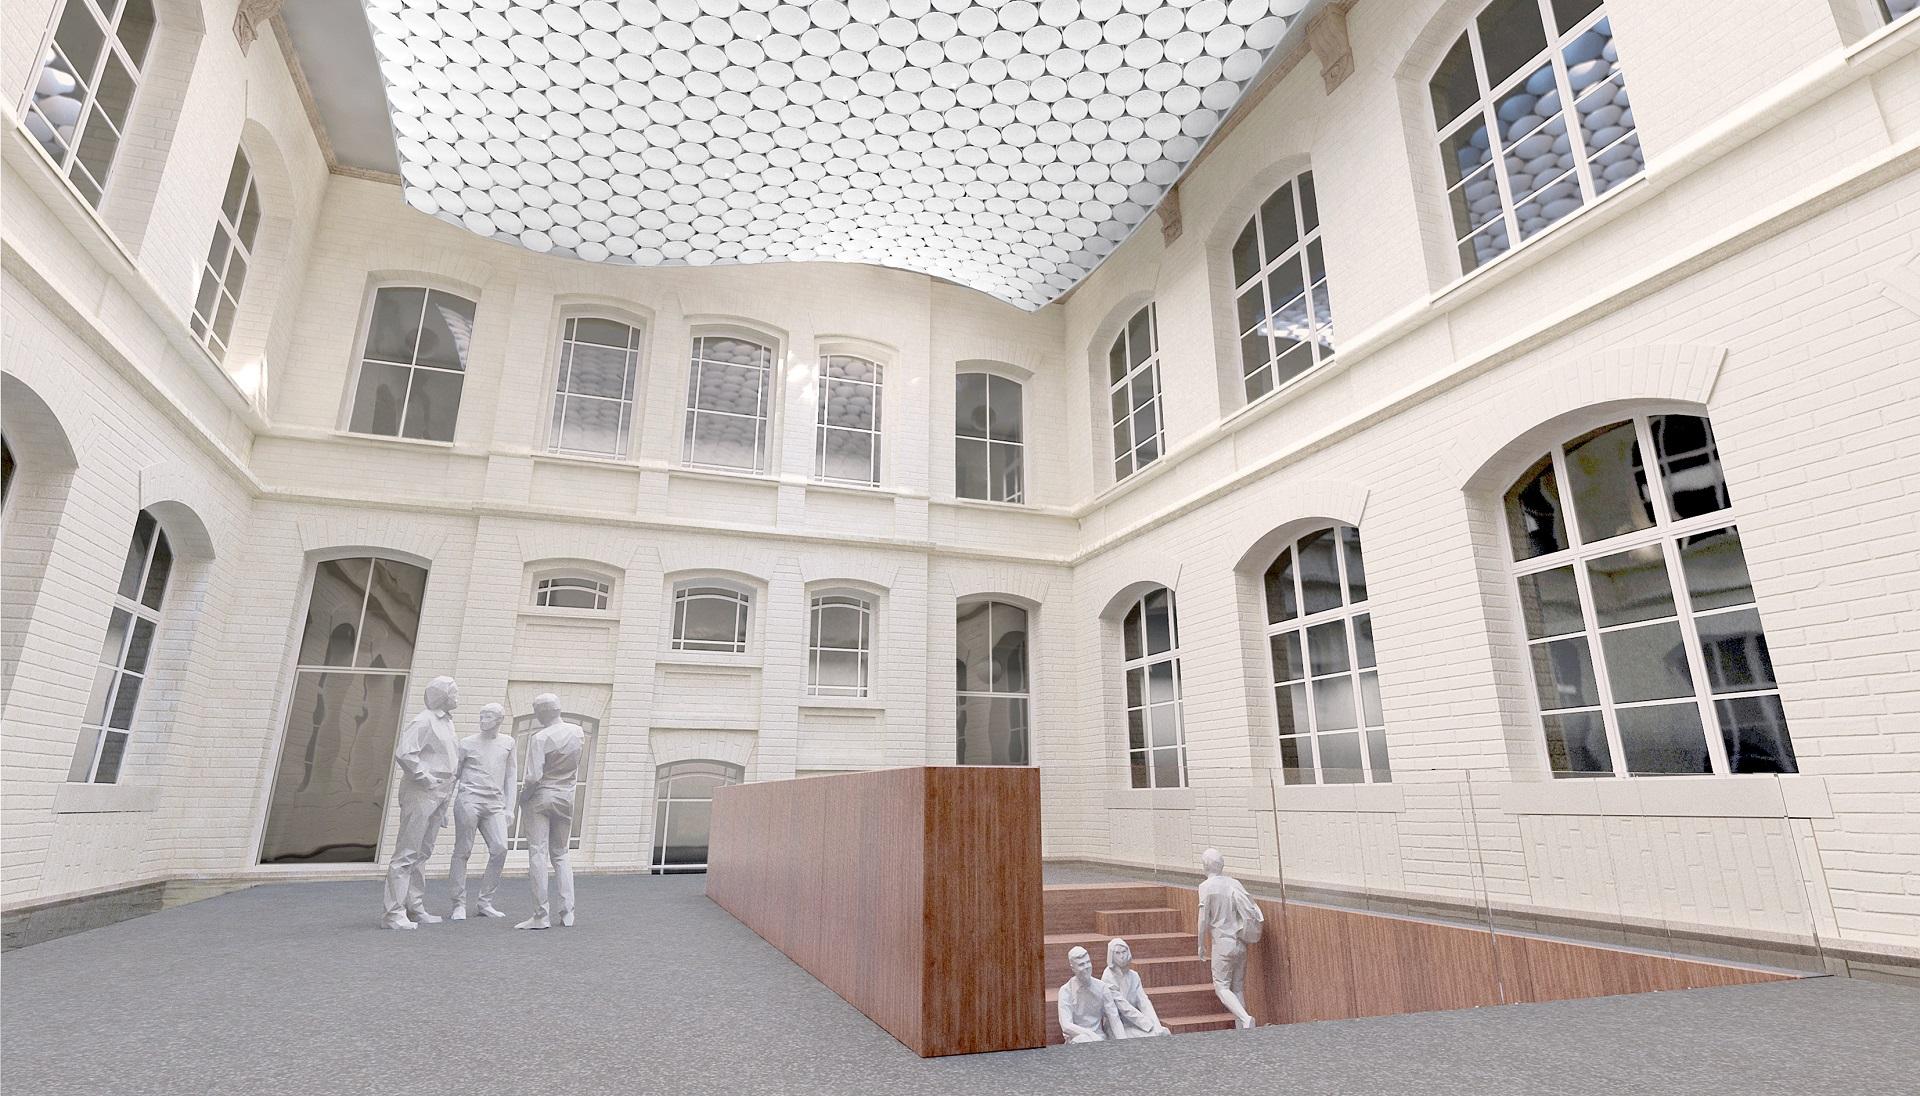 Forum Physik TU Darmstadt 1 - ArGe Architekten